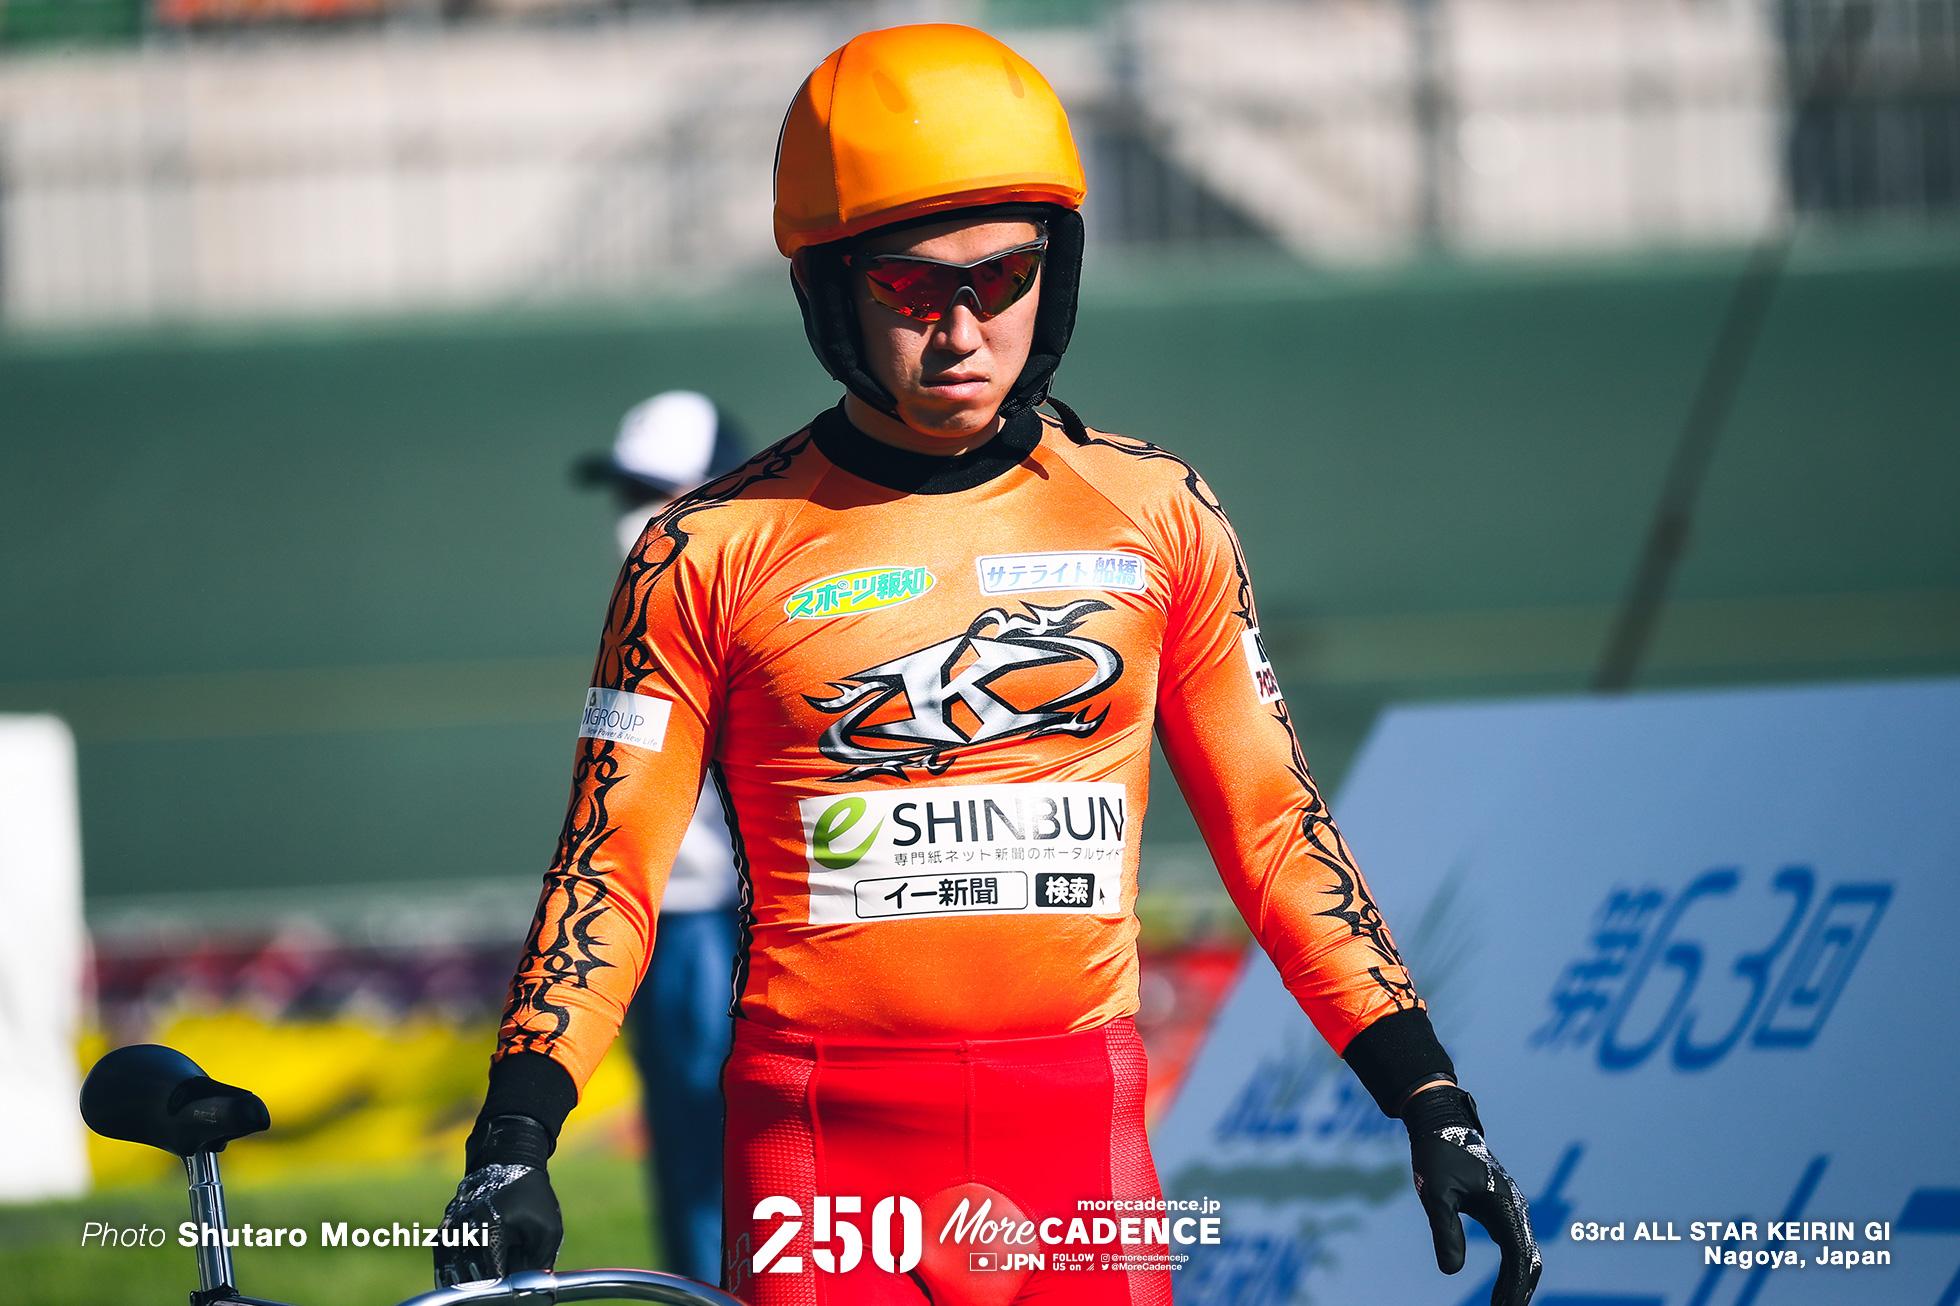 脇本雄太, 第63回オールスター競輪